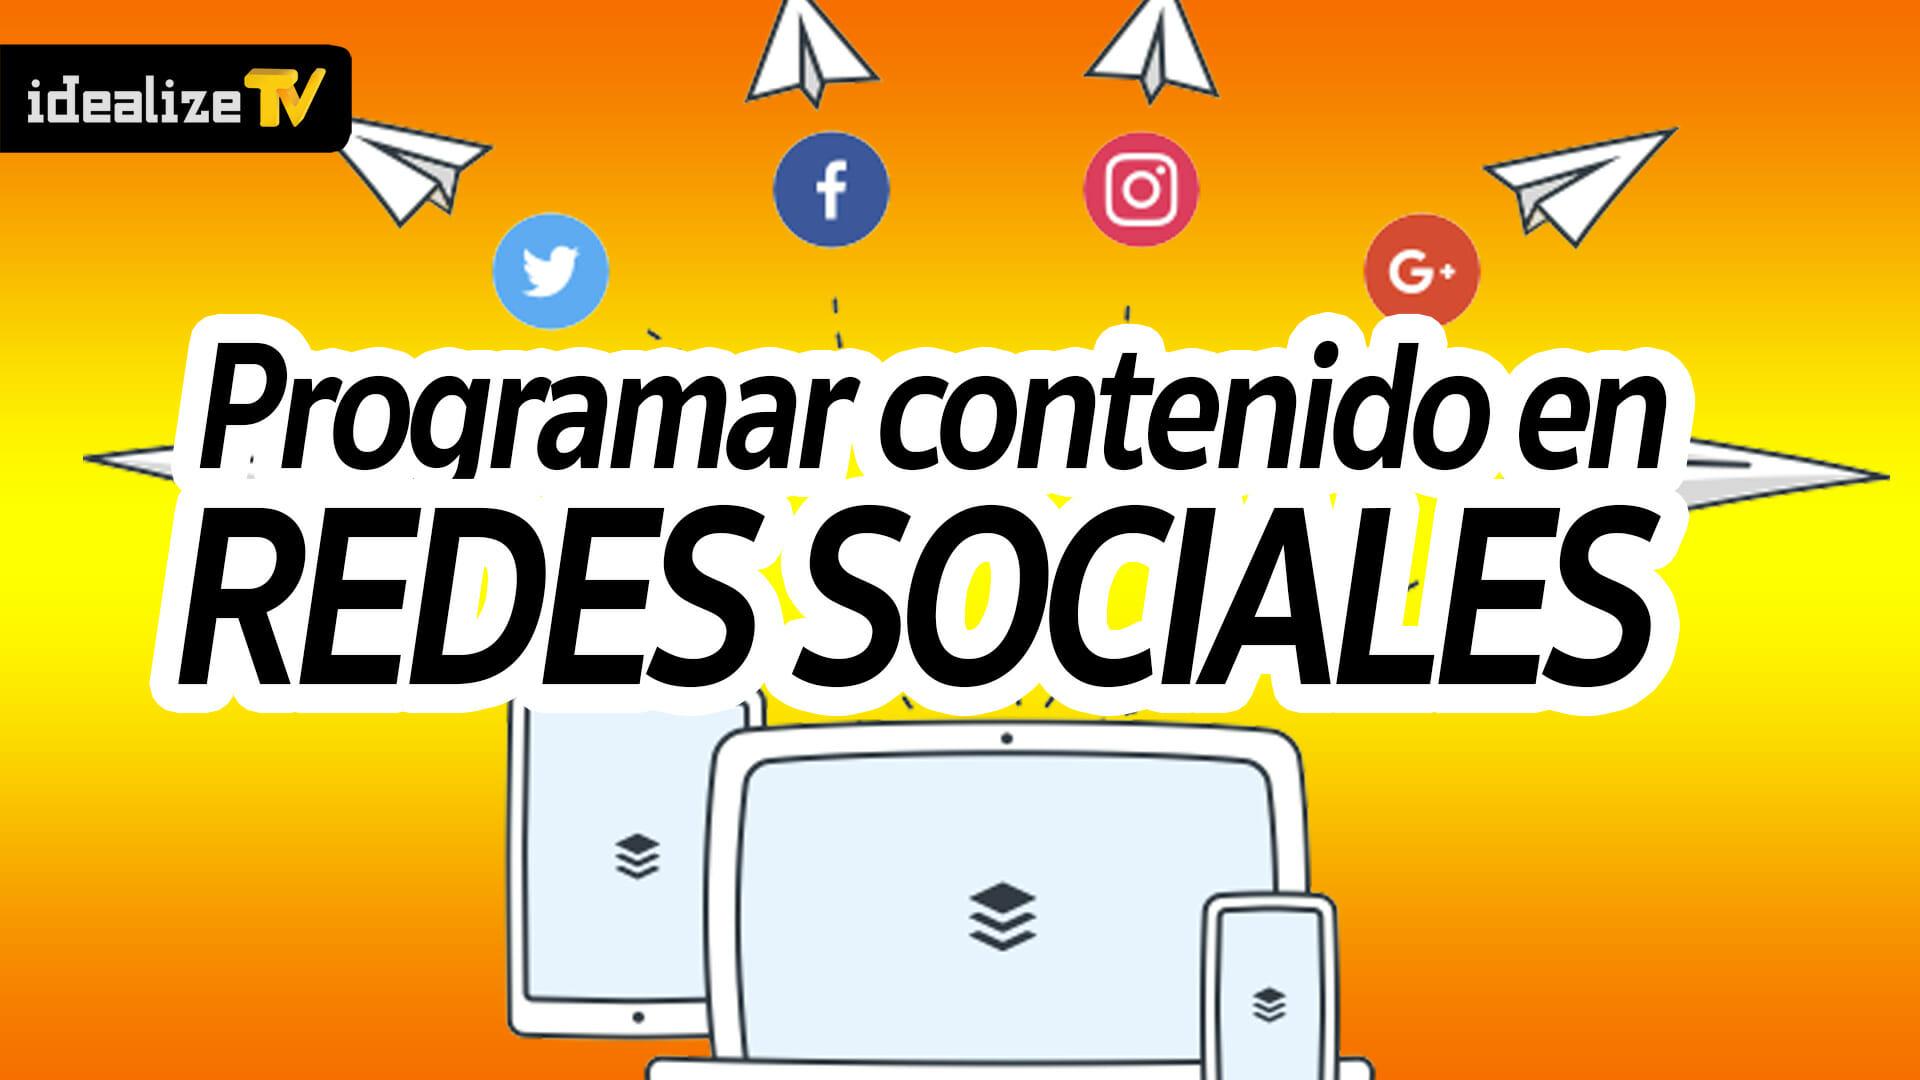 Programar/automatizar contenido en nuestras redes sociales